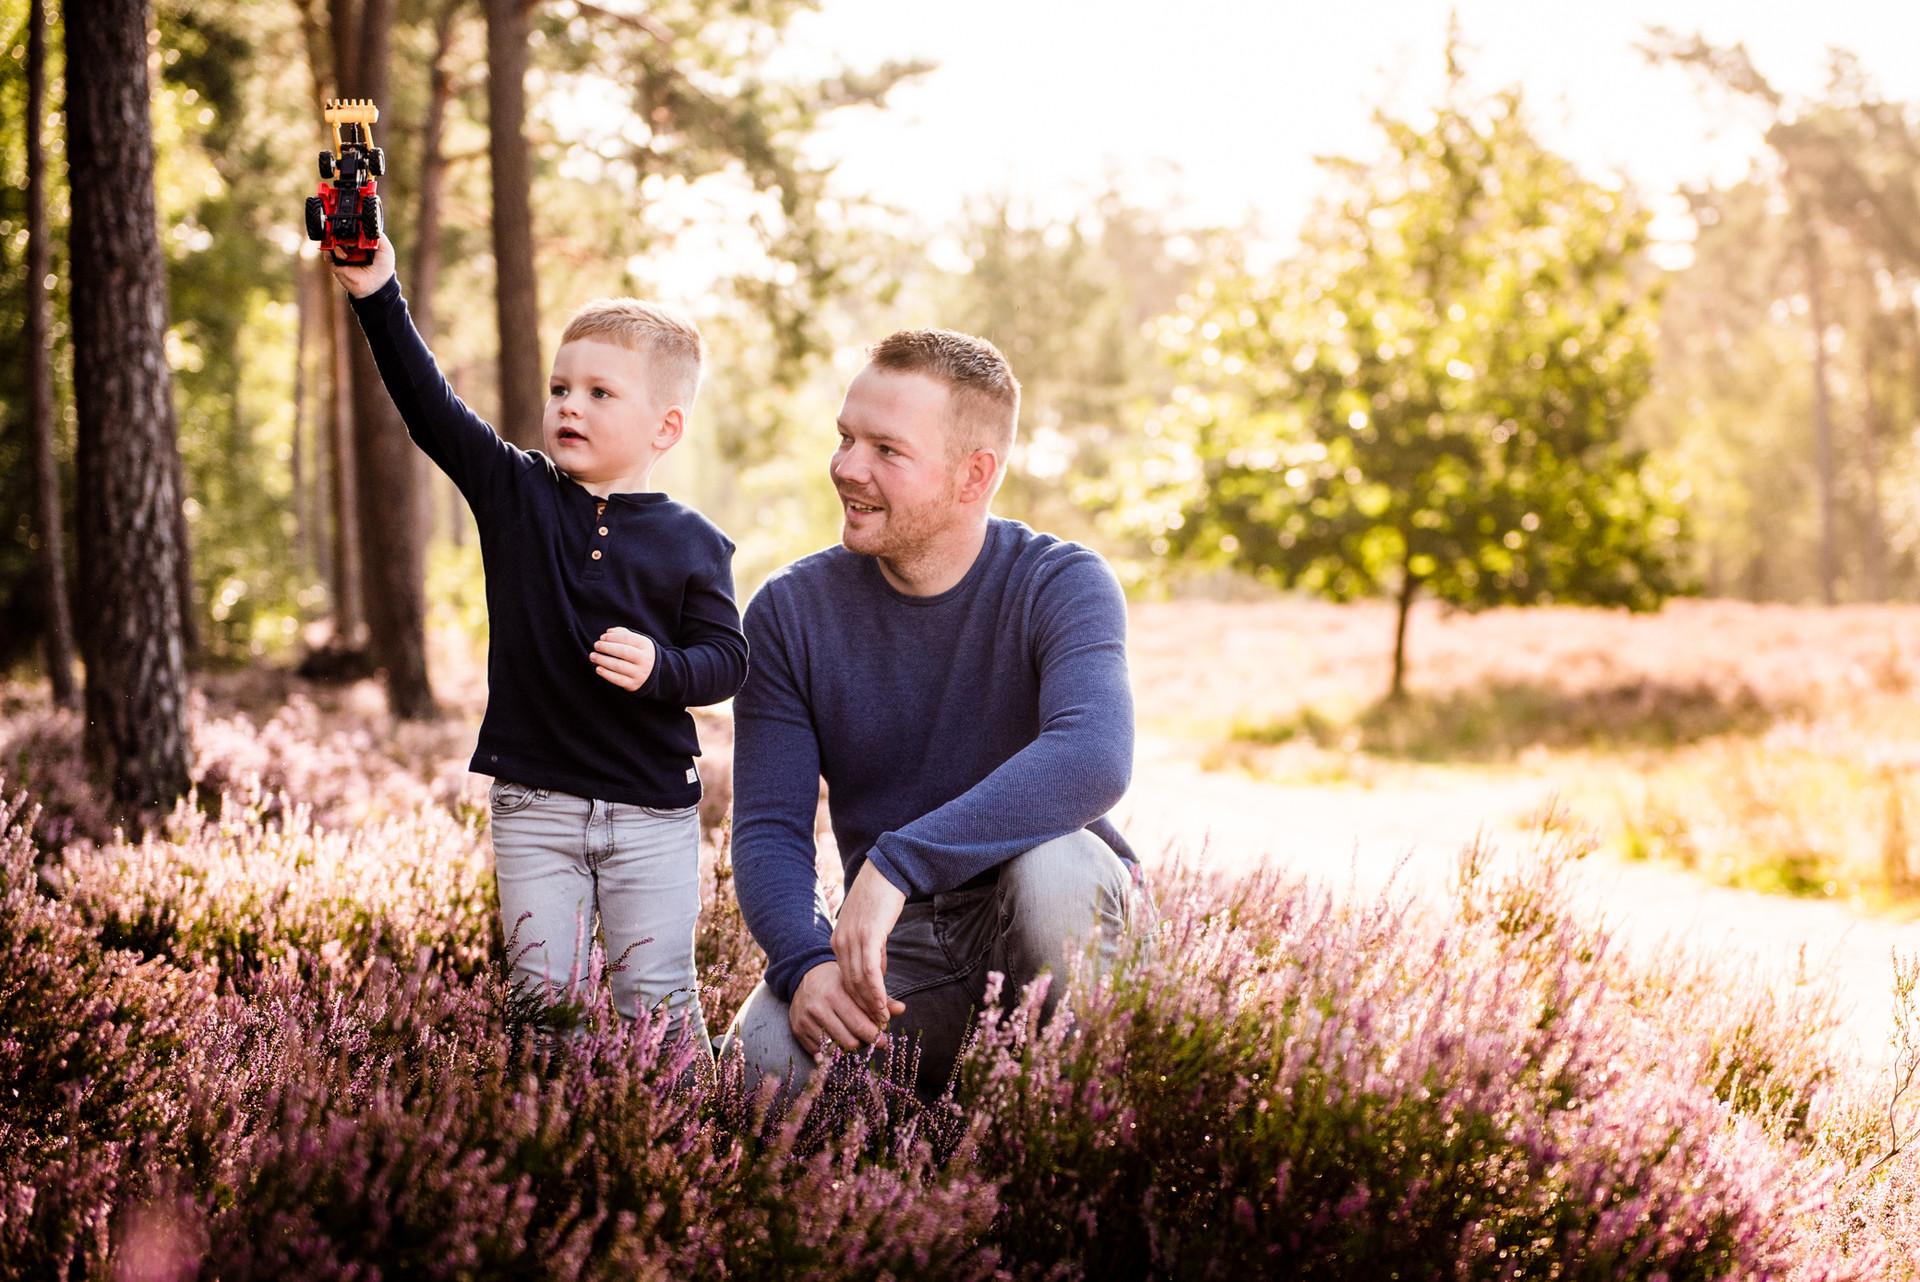 fotoreportage_familie-de-leeuw_Annevdl-F